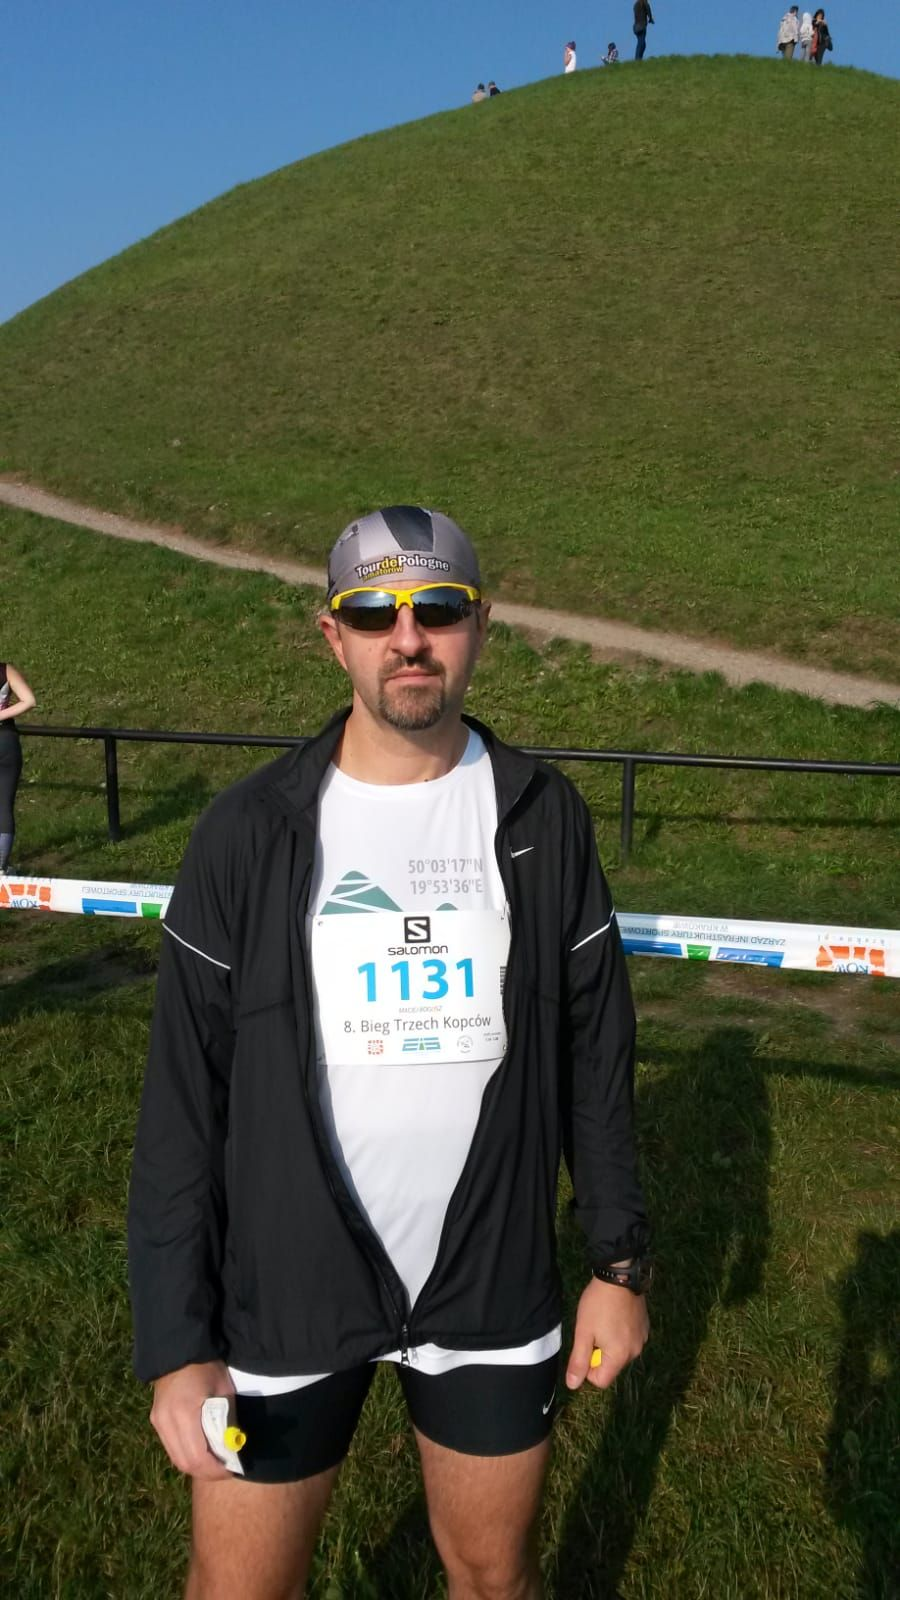 Maciej Bogusz